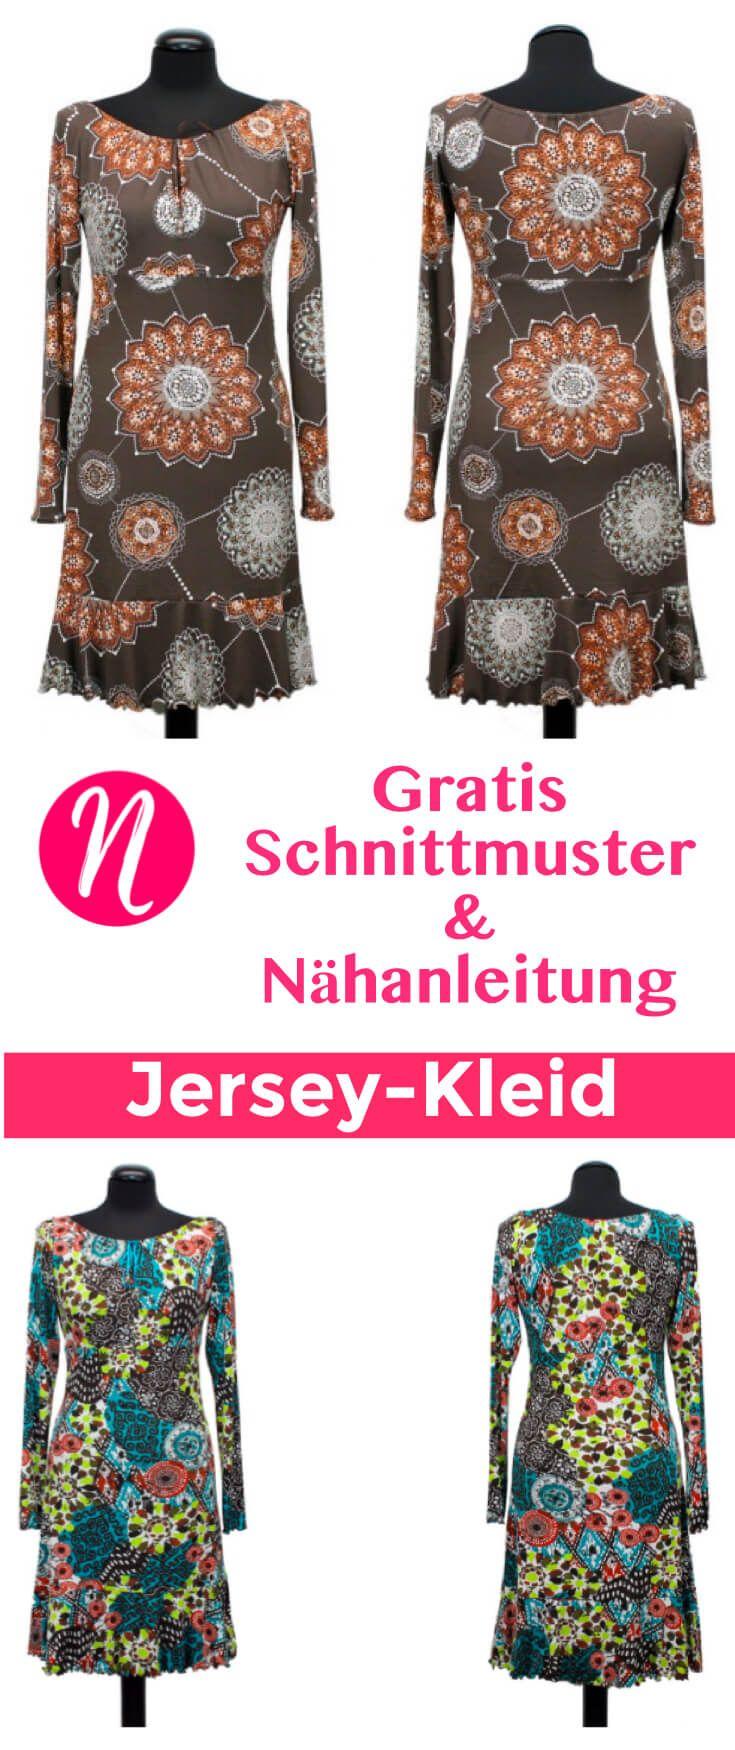 165 besten Sewing - Clothing Bilder auf Pinterest | Nähprojekte ...